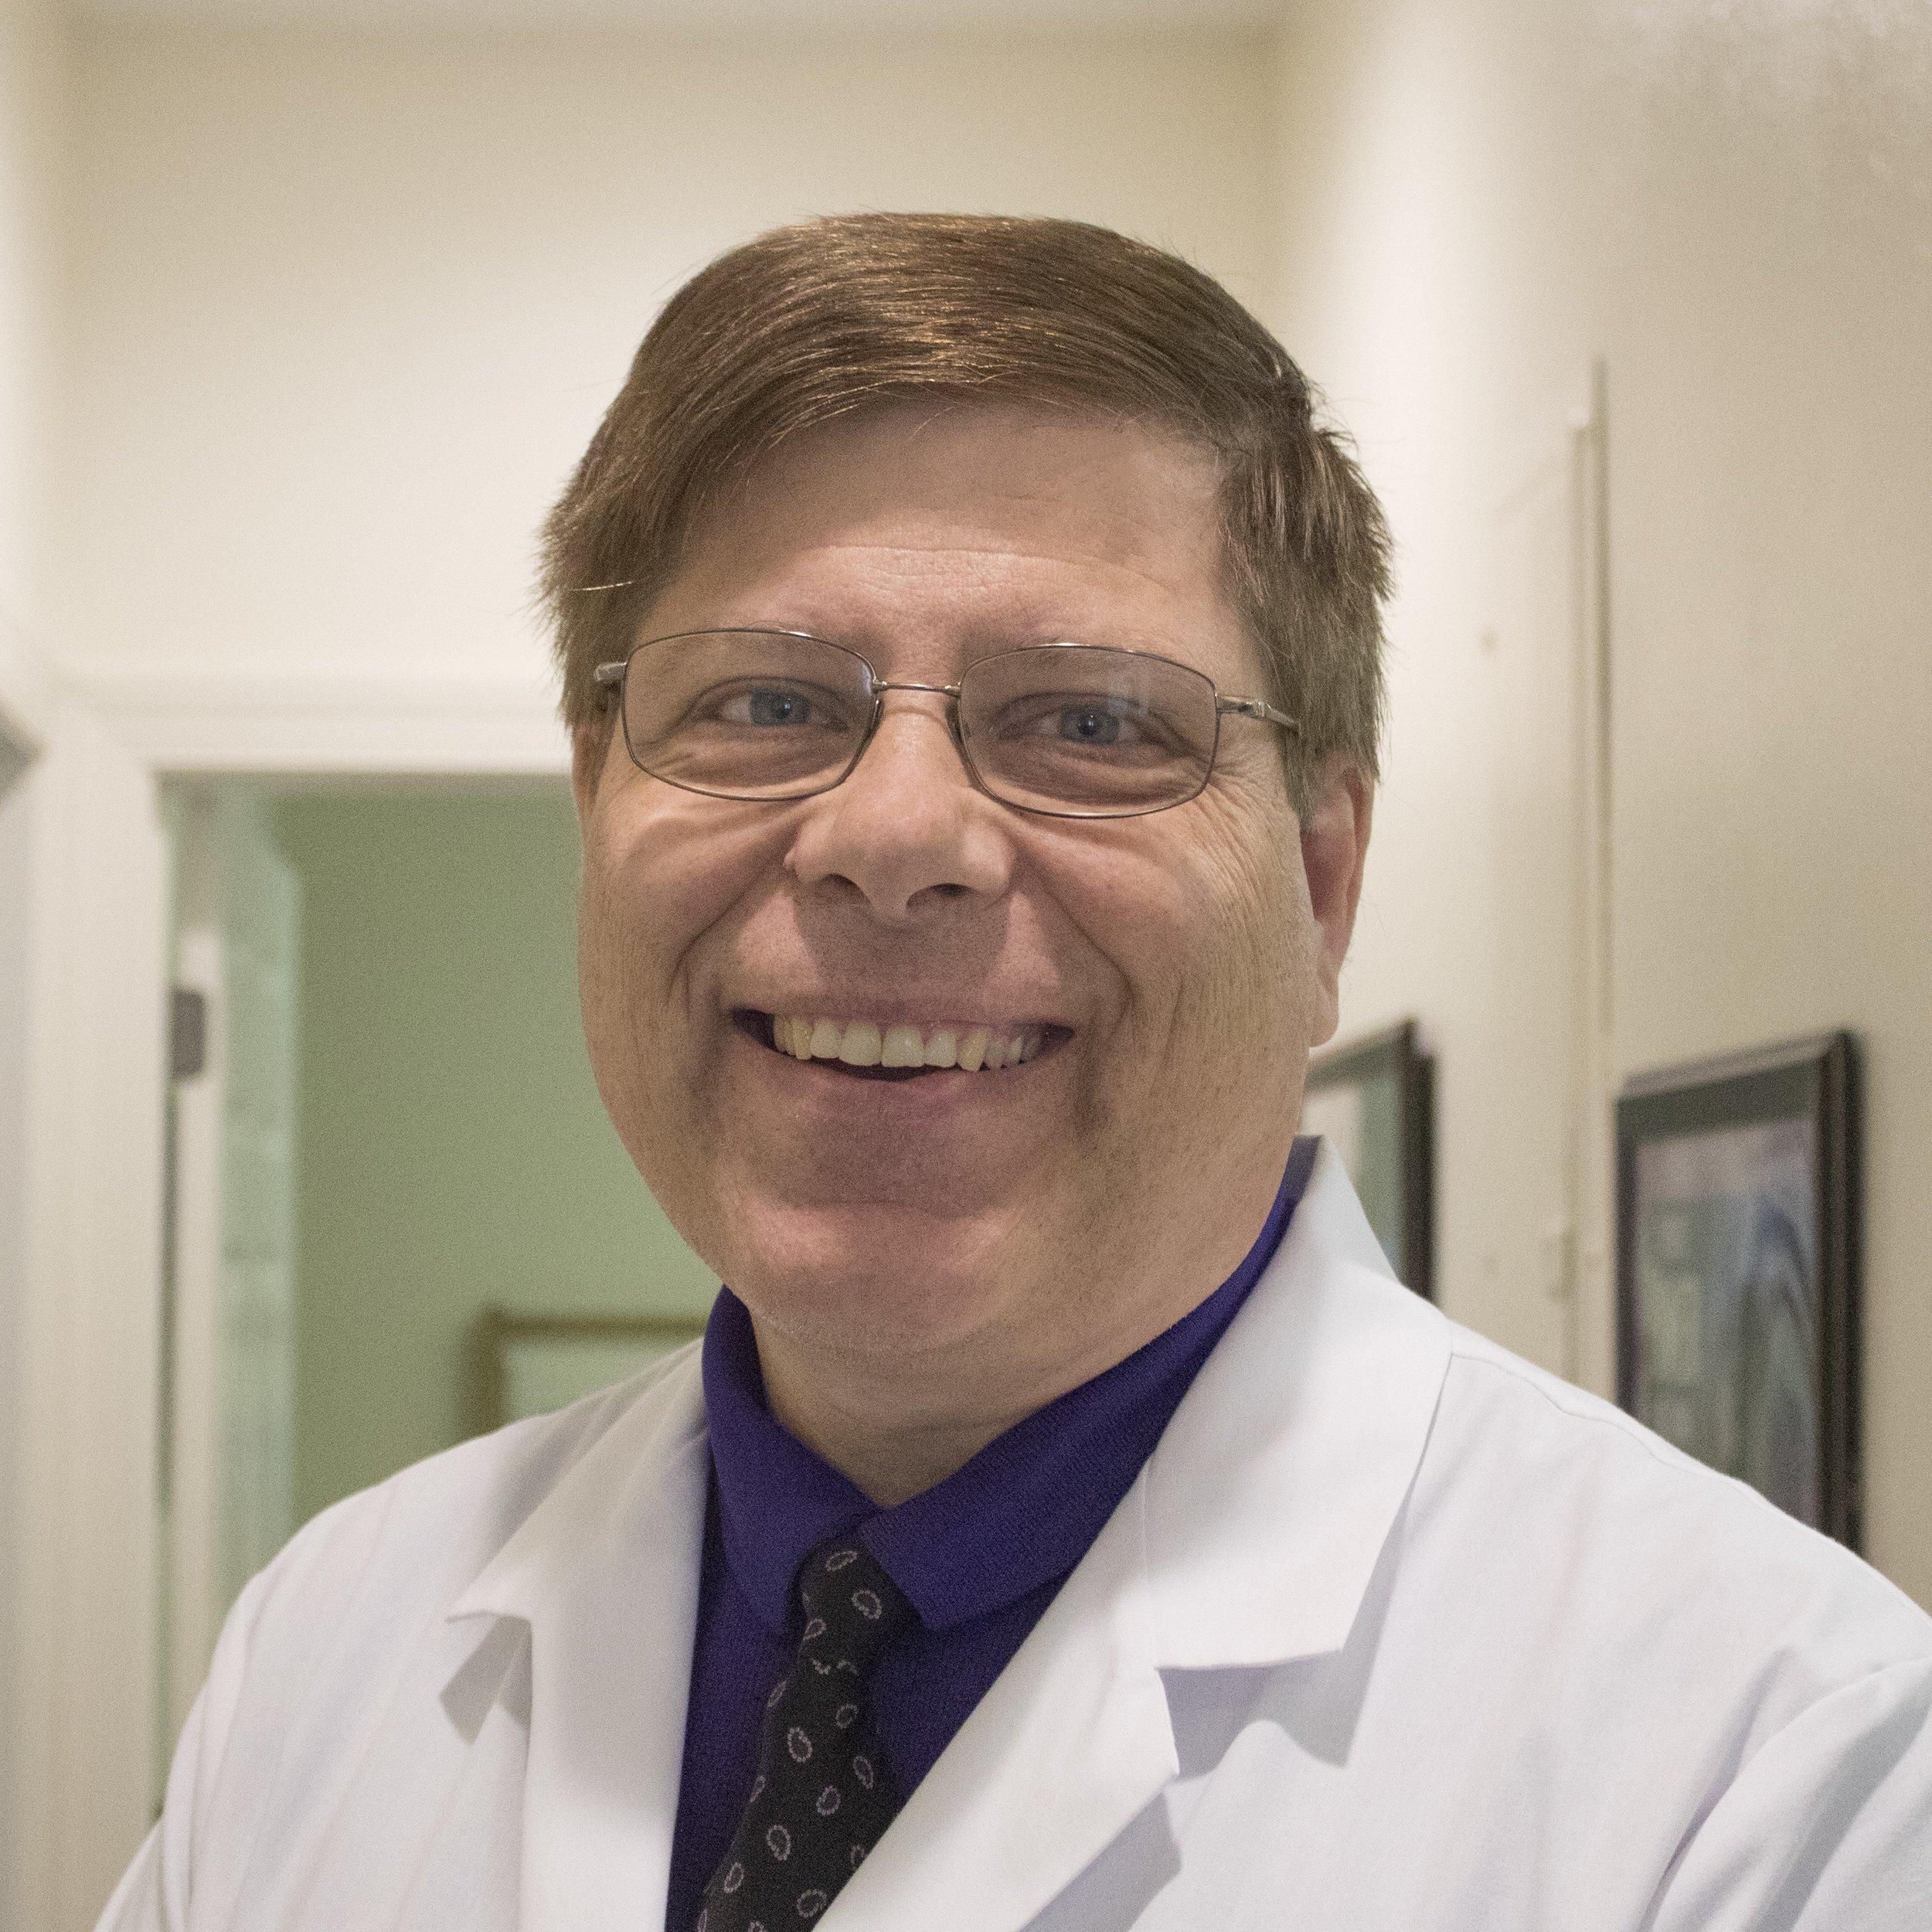 Dr. David Headshot.jpg